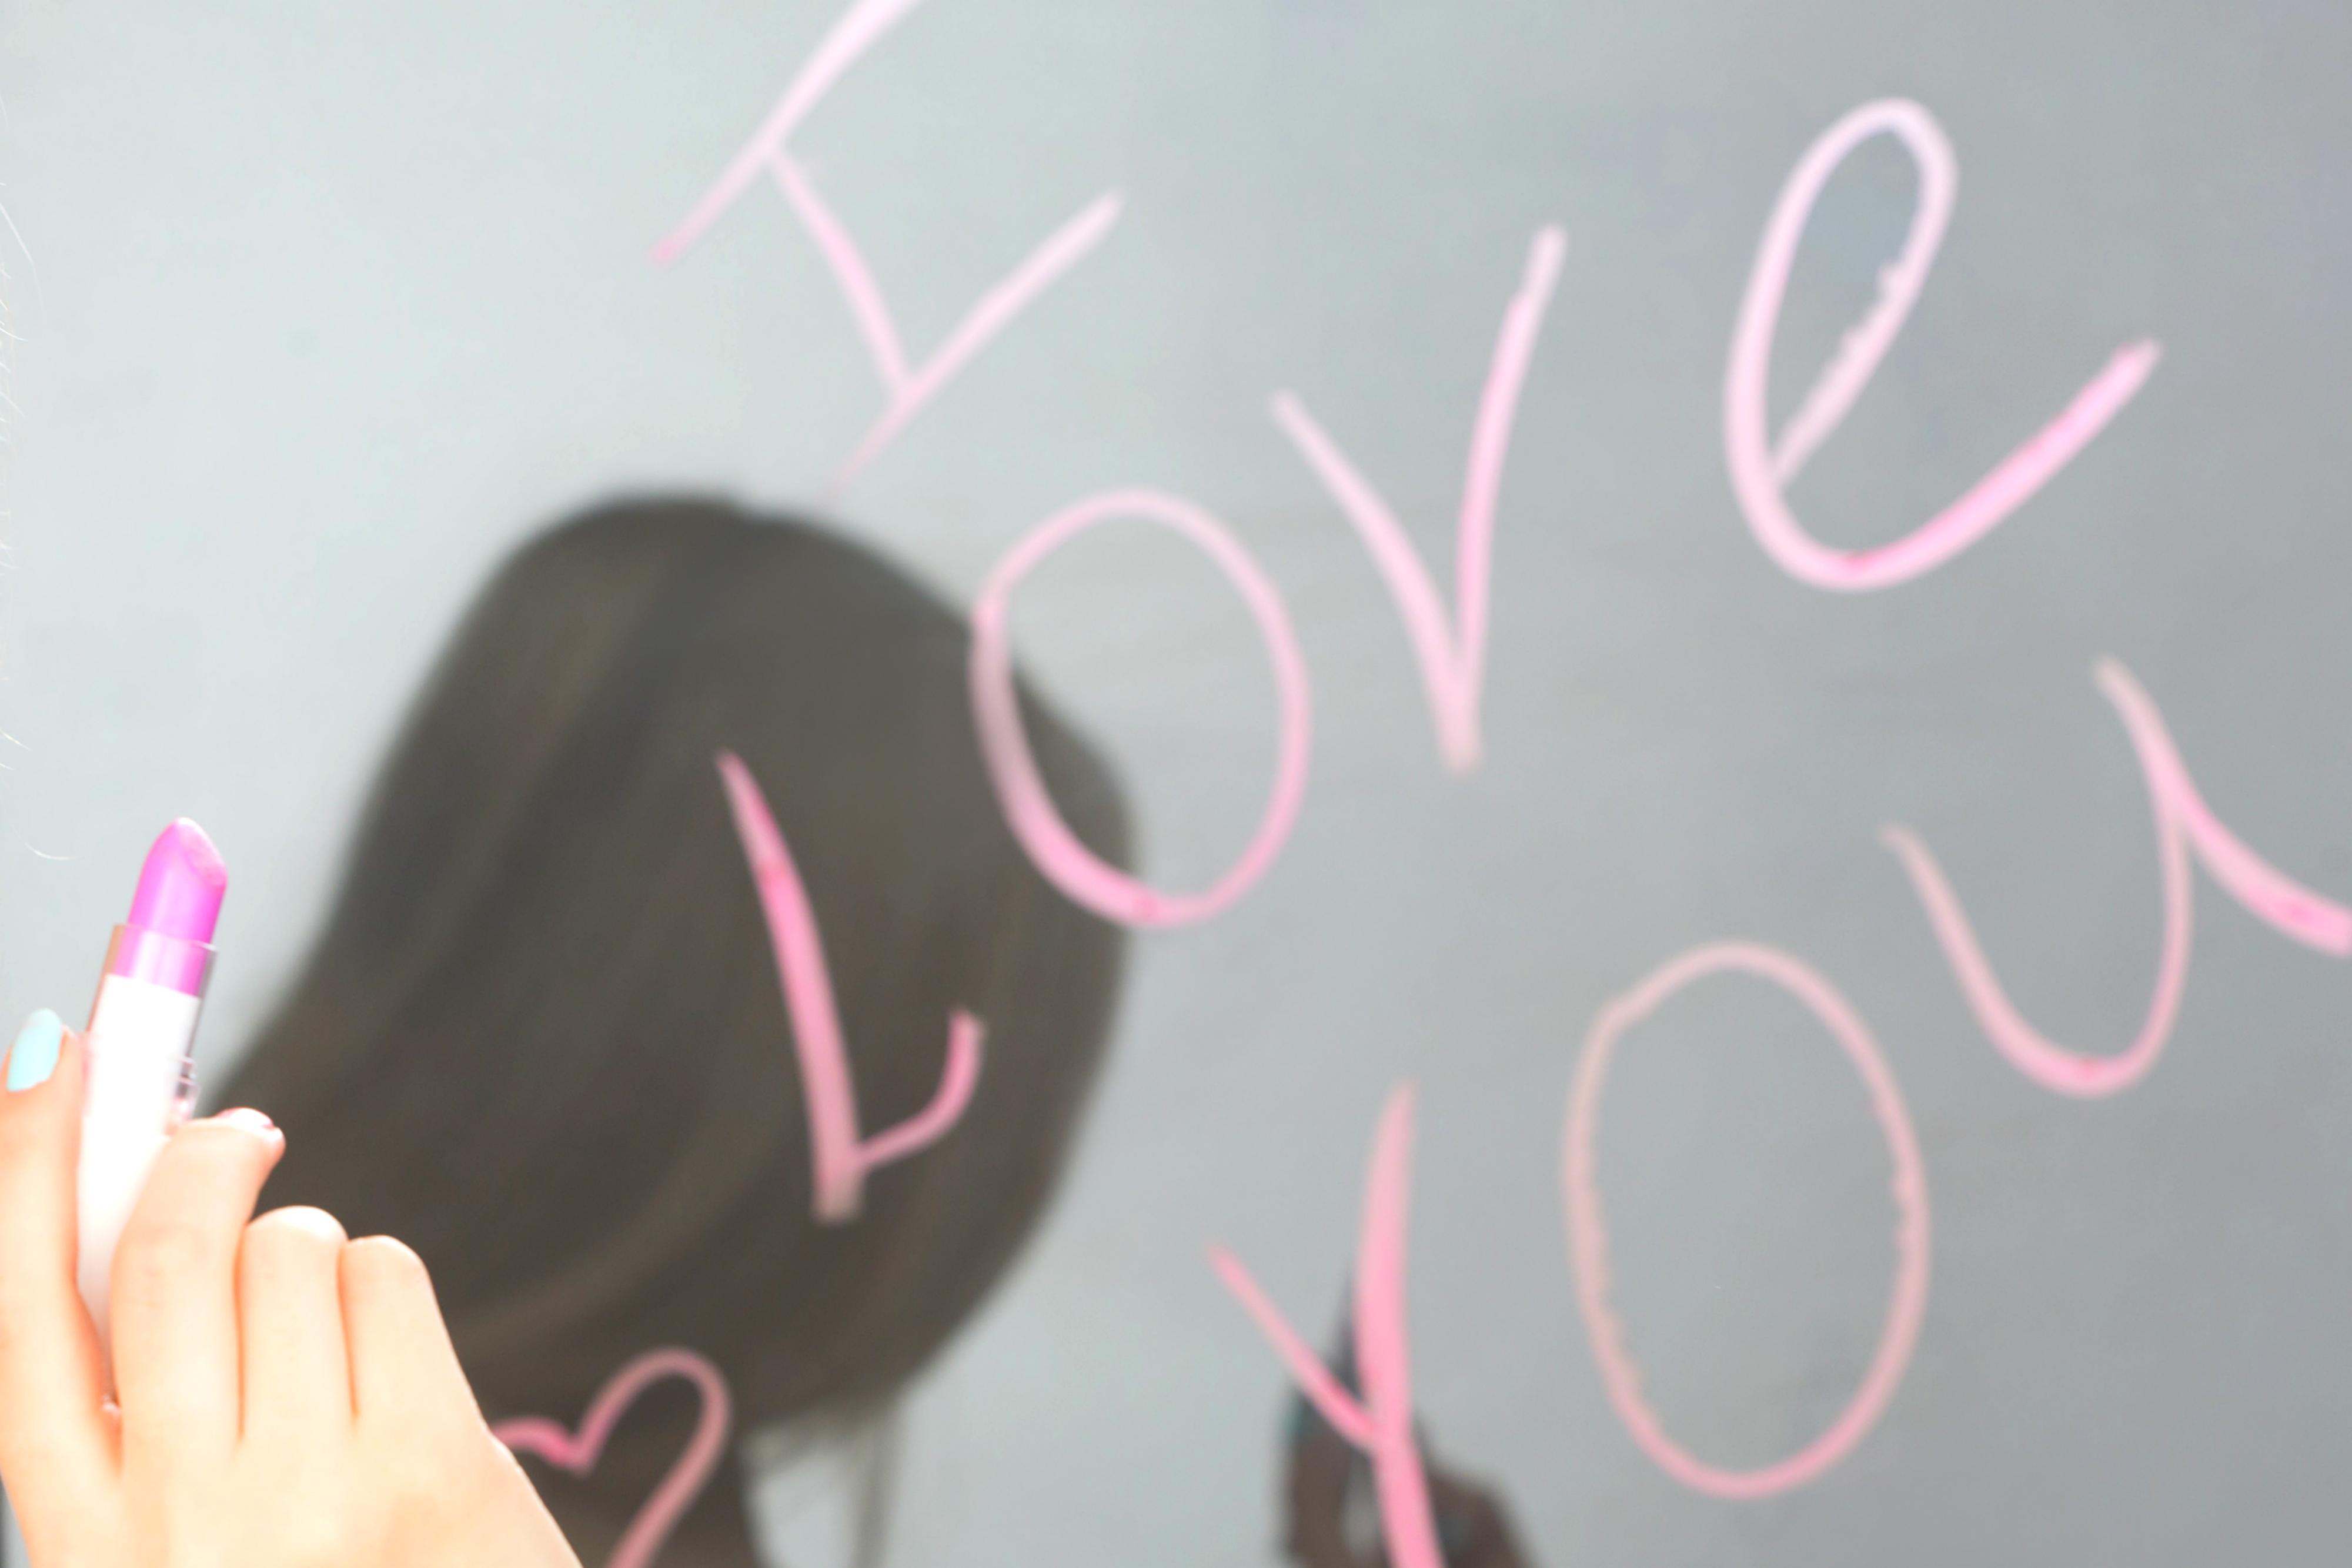 Creative Love Note Idea with Lipstick